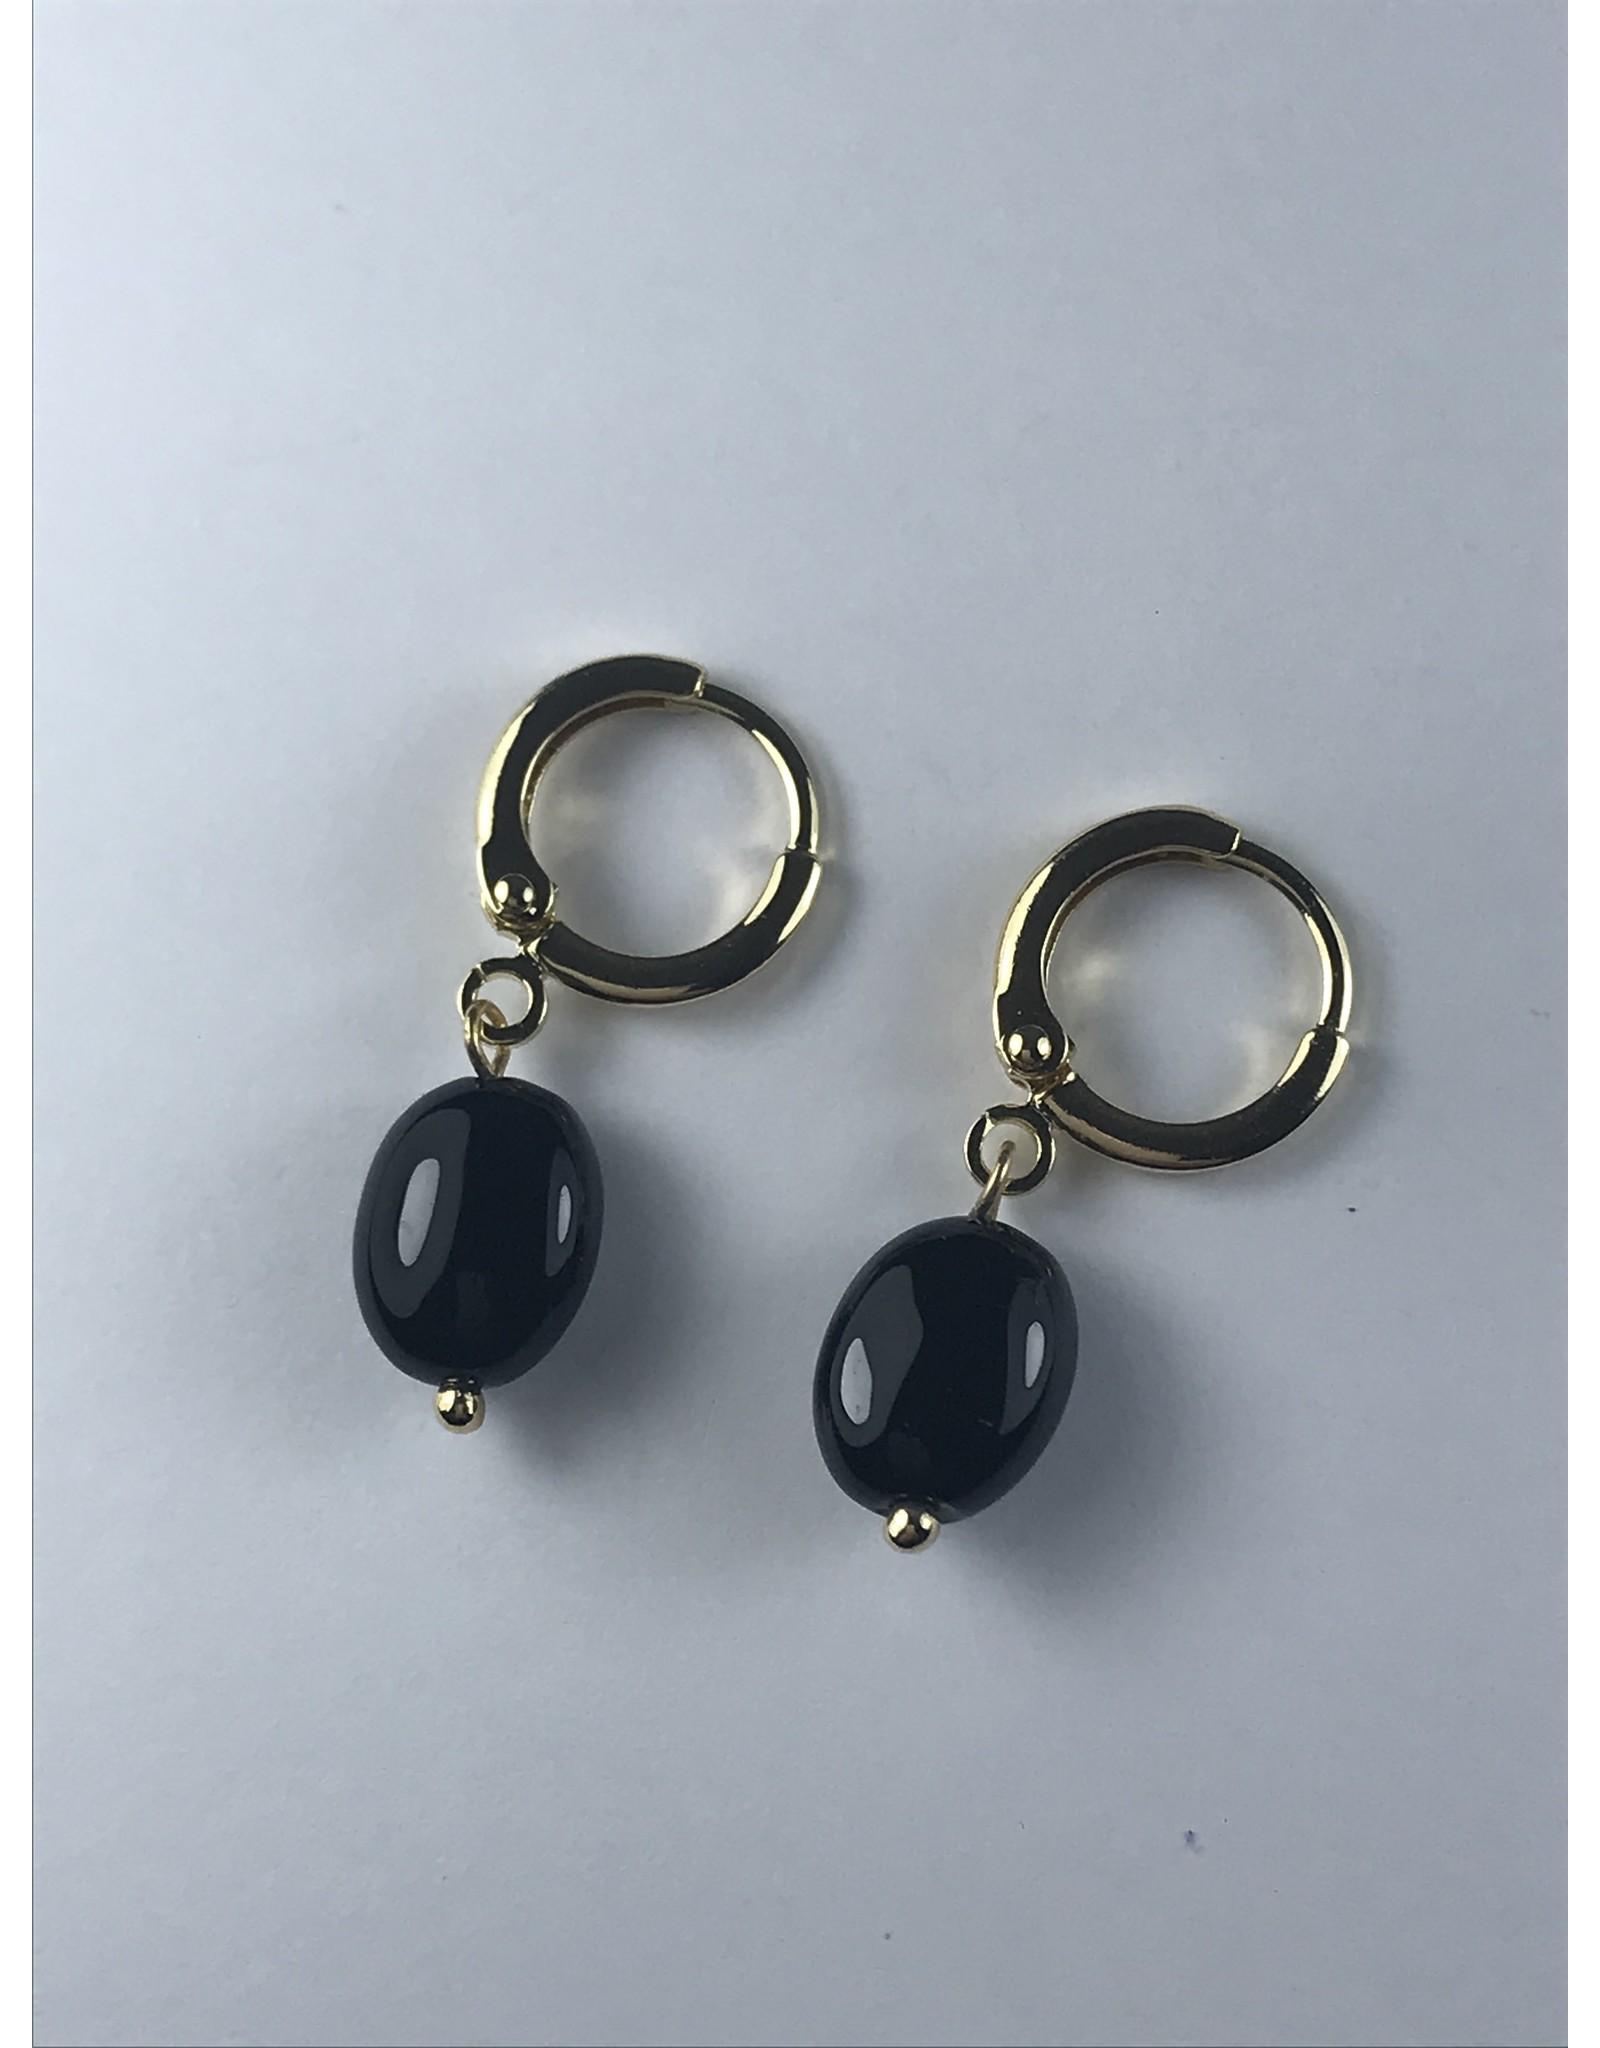 Axxes-Soir Oorringen fijne goudkleurige hanger met zwarte druppel